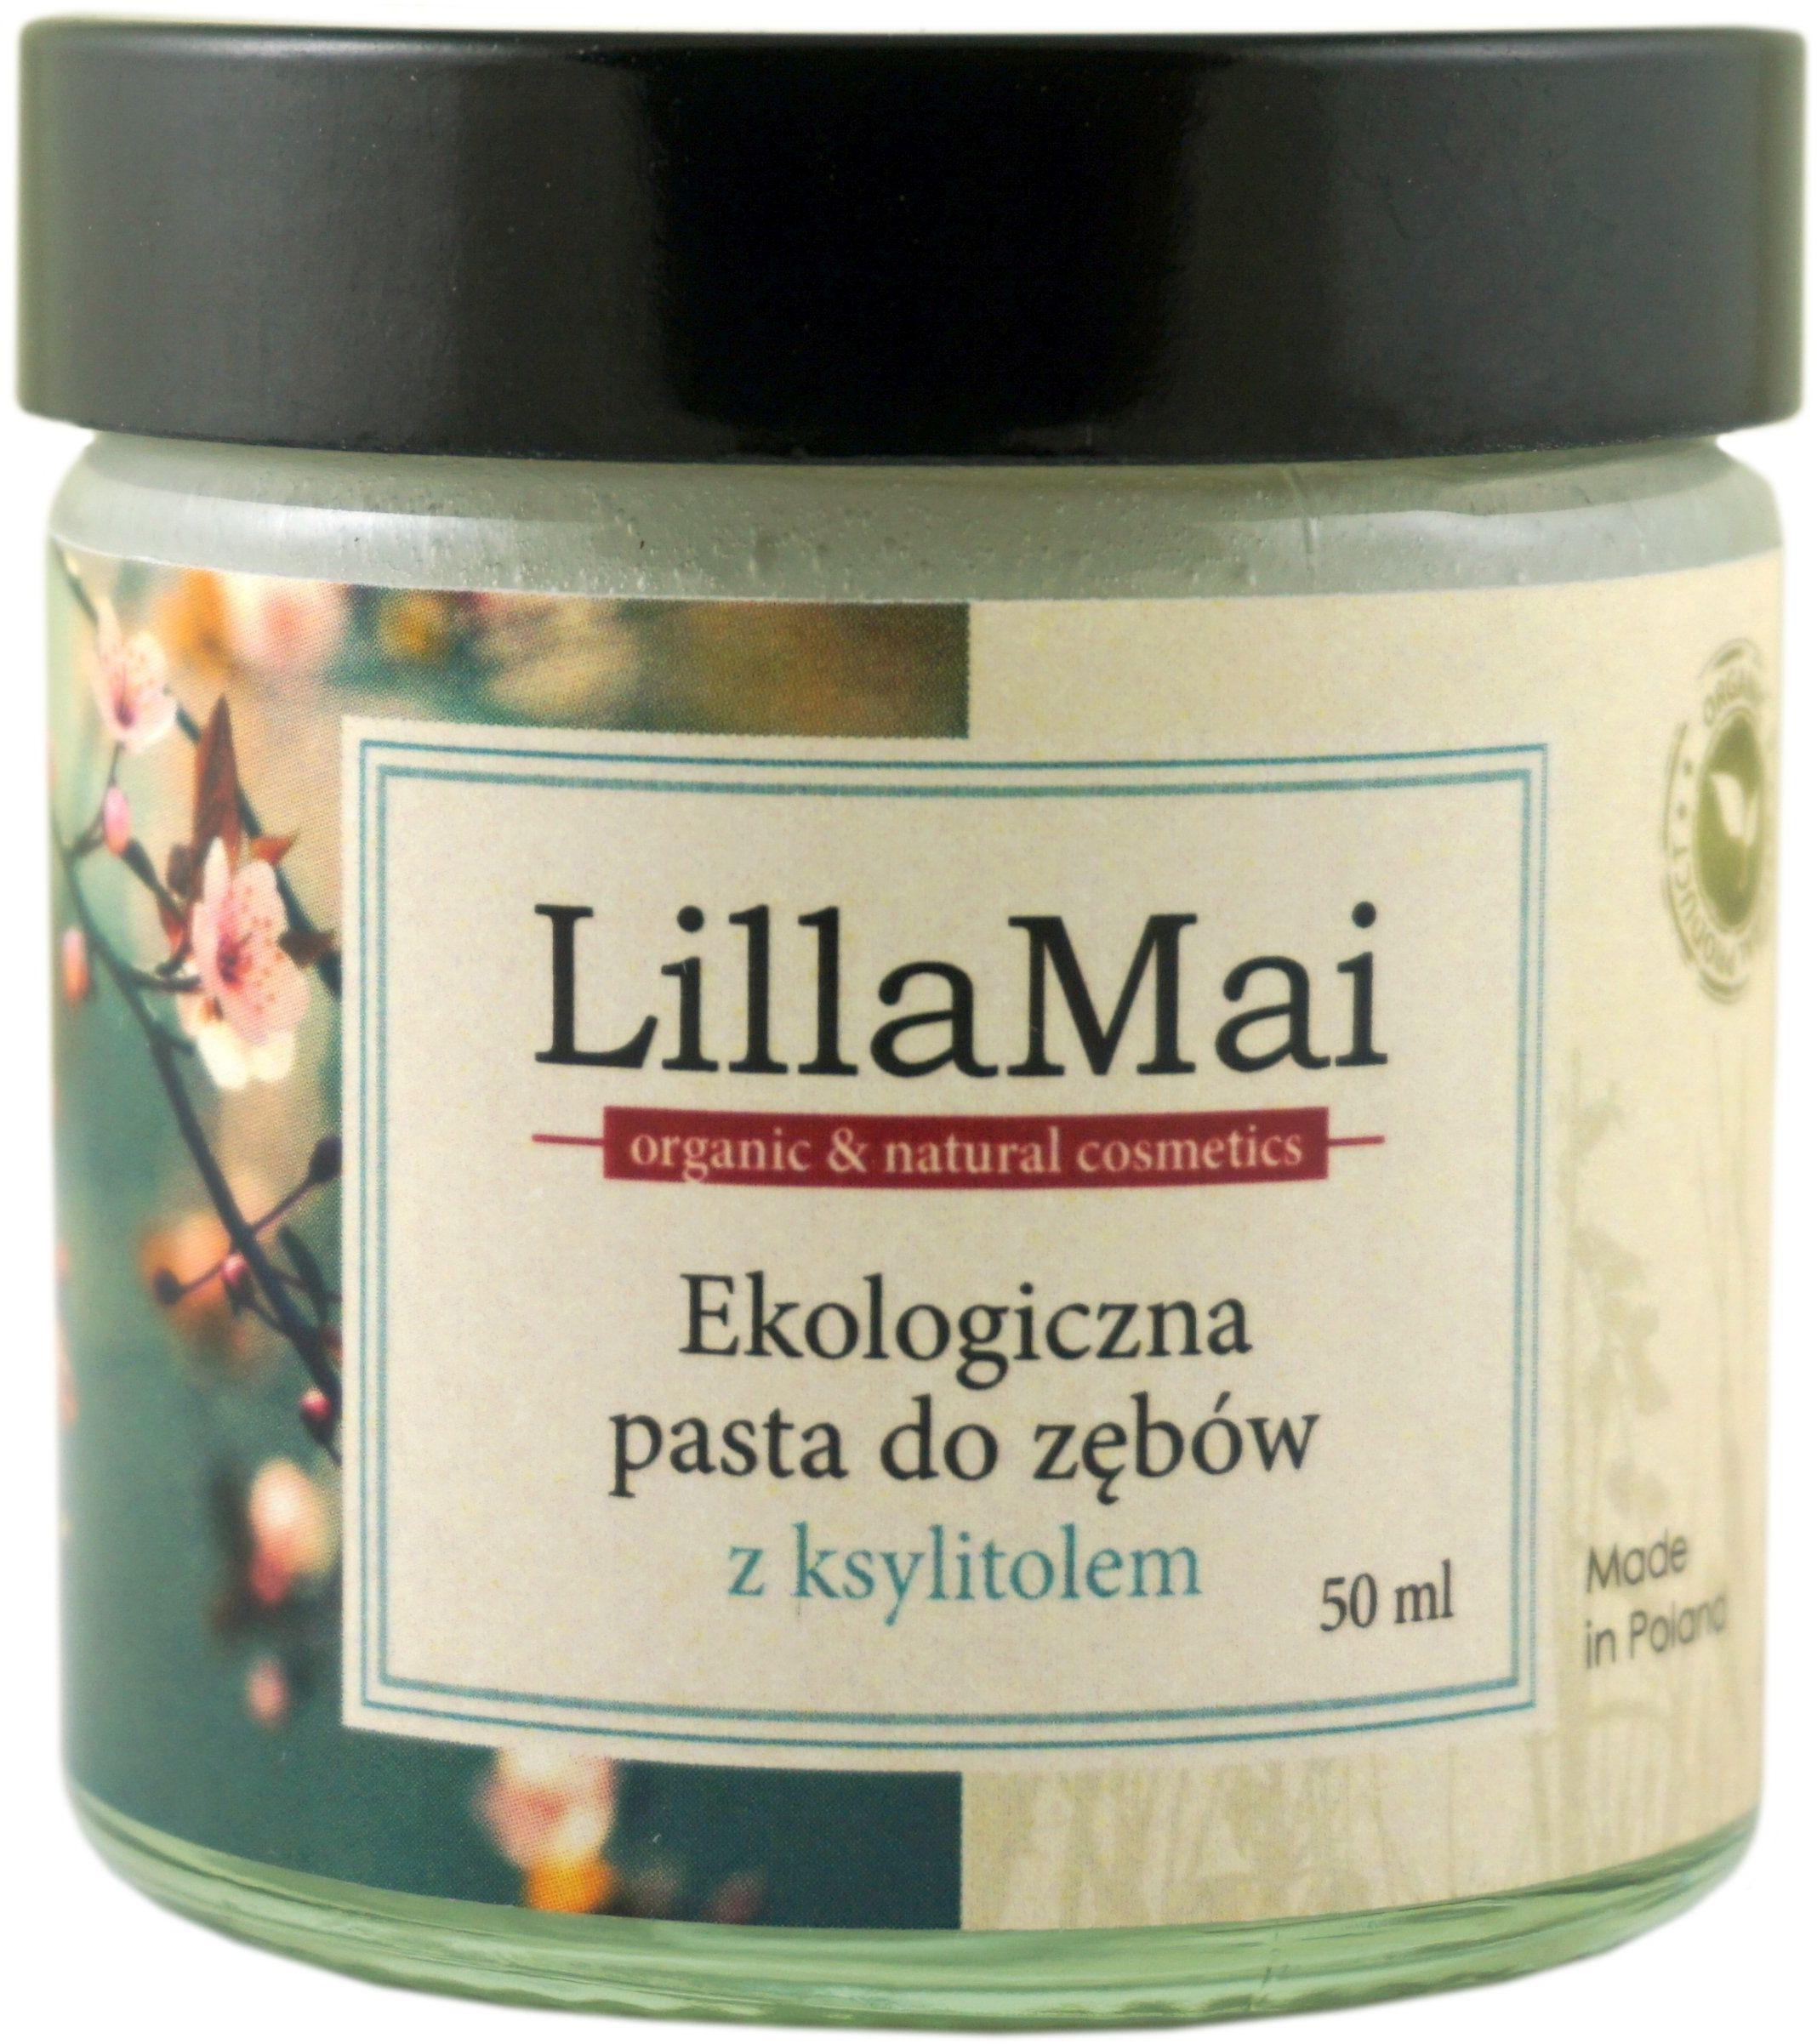 Ekologiczna Pasta do Zębów z Ksylitolem - 50 ml - LillaMai